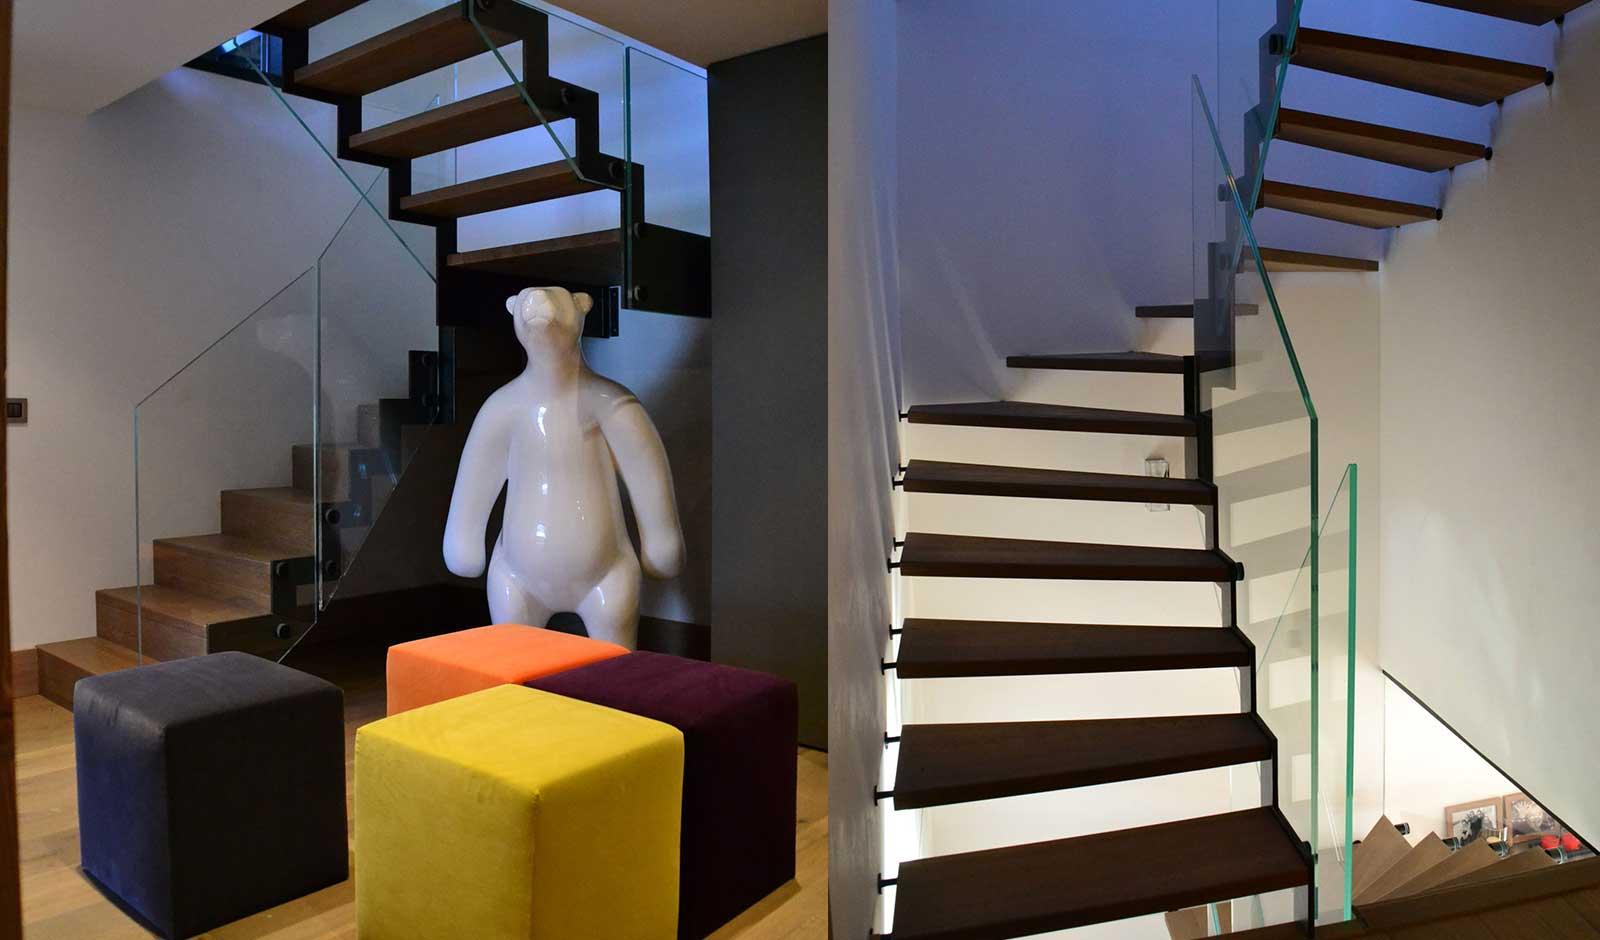 chalet-le-bachal-5-atelier-crea-and-co-architecte-design-project-manager-meribel-savoie